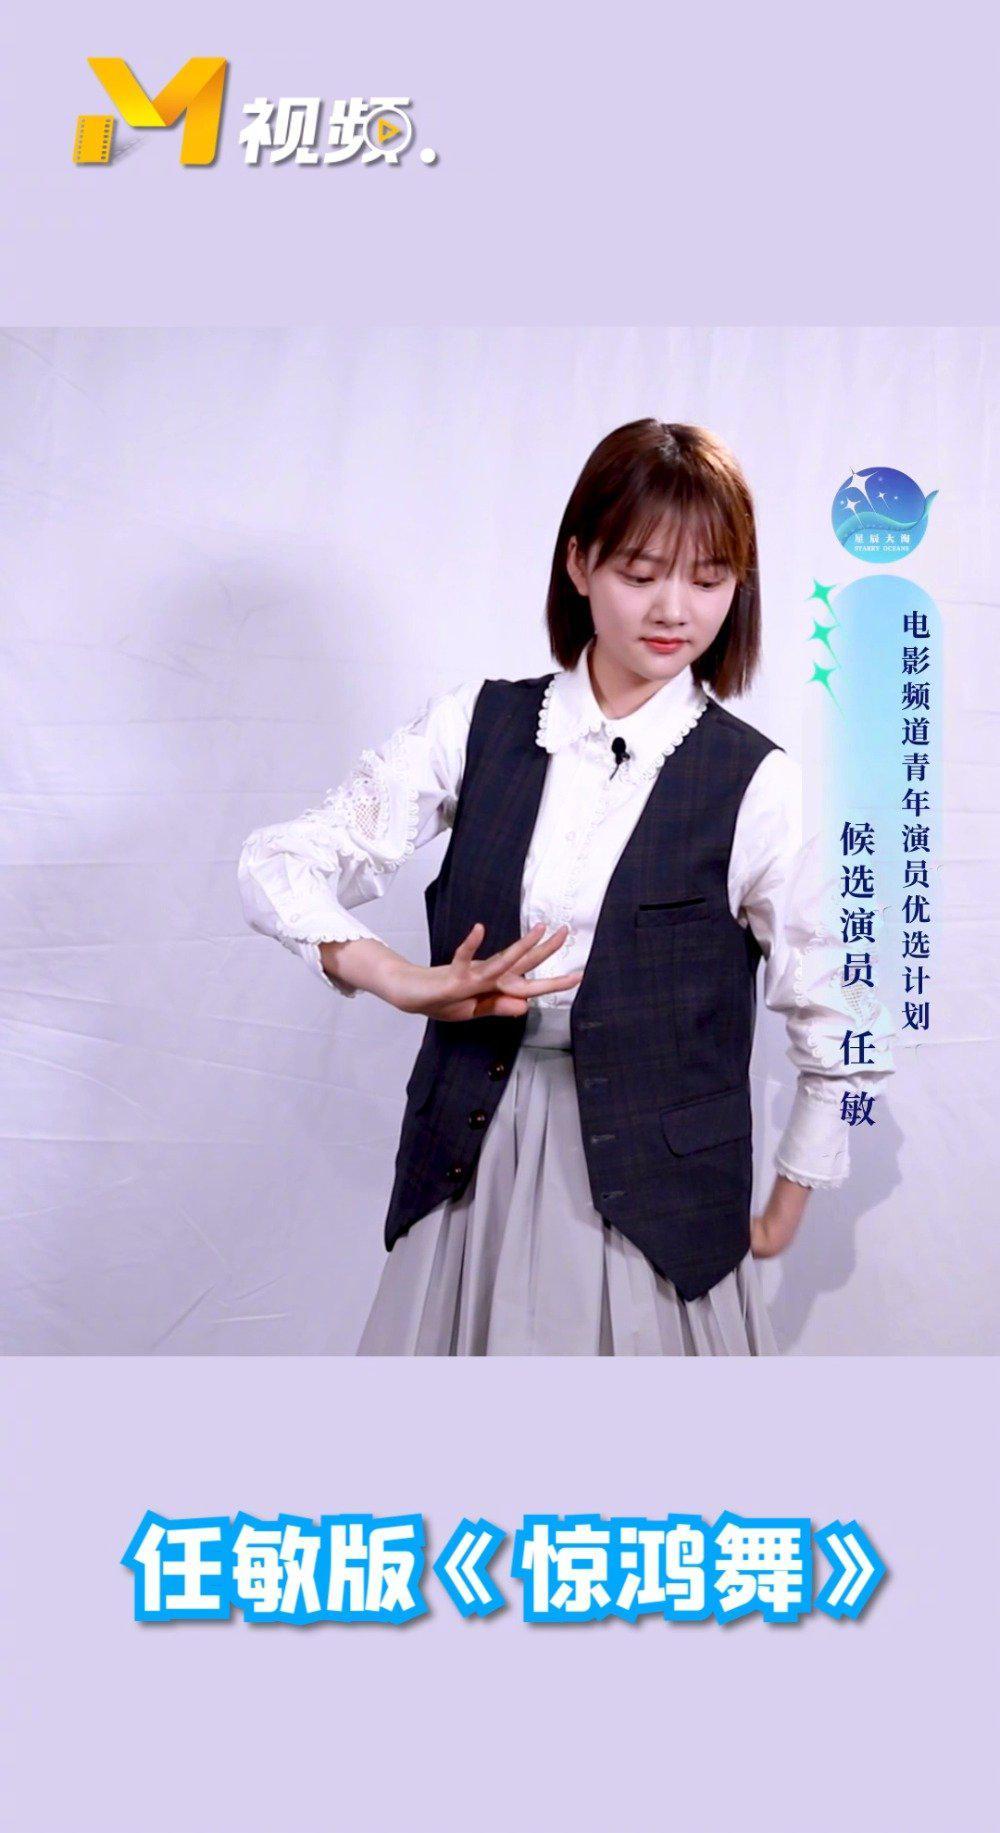 """近期,@演员任敏 在演技竞技节目中想要挑战""""甄嬛""""却没能实现"""